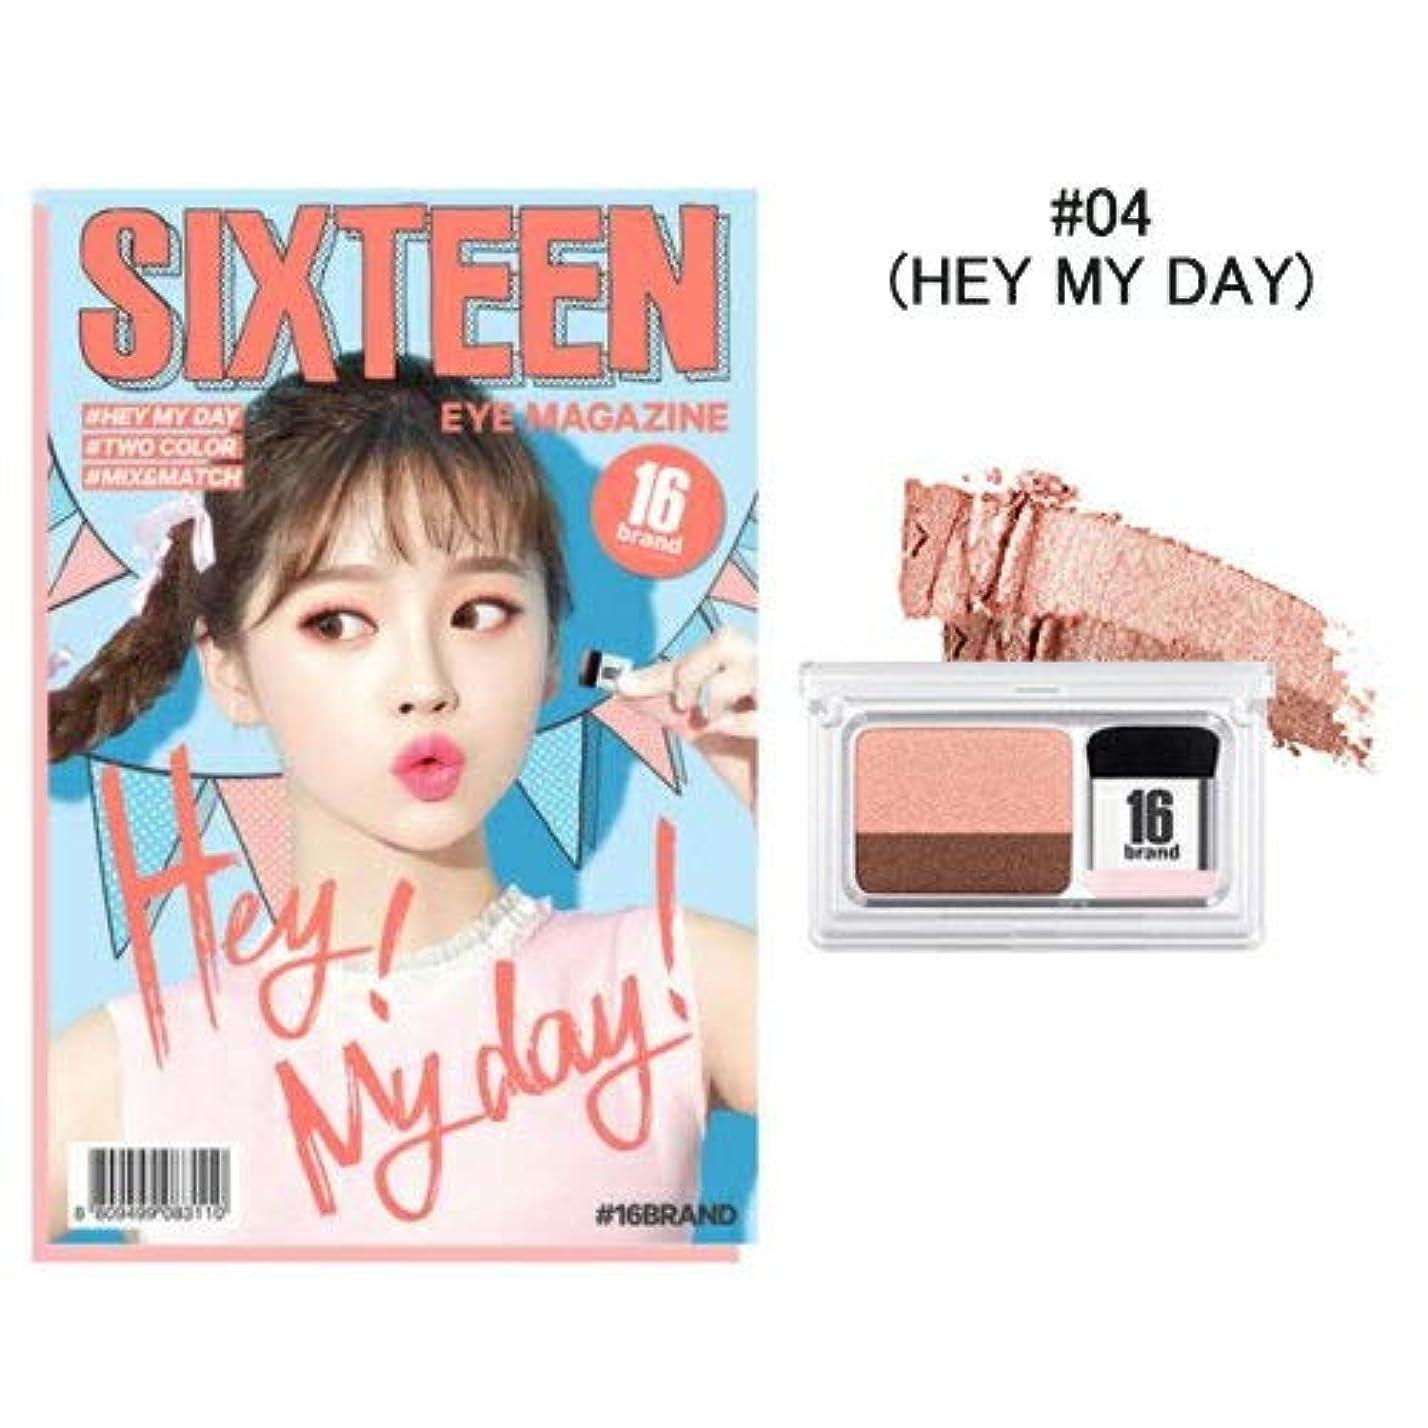 芝生日焼けショップ[New Color] 16brand Sixteen Eye Magazine 2g /16ブランド シックスティーン アイ マガジン 2g (#04 HEY MY DAY) [並行輸入品]